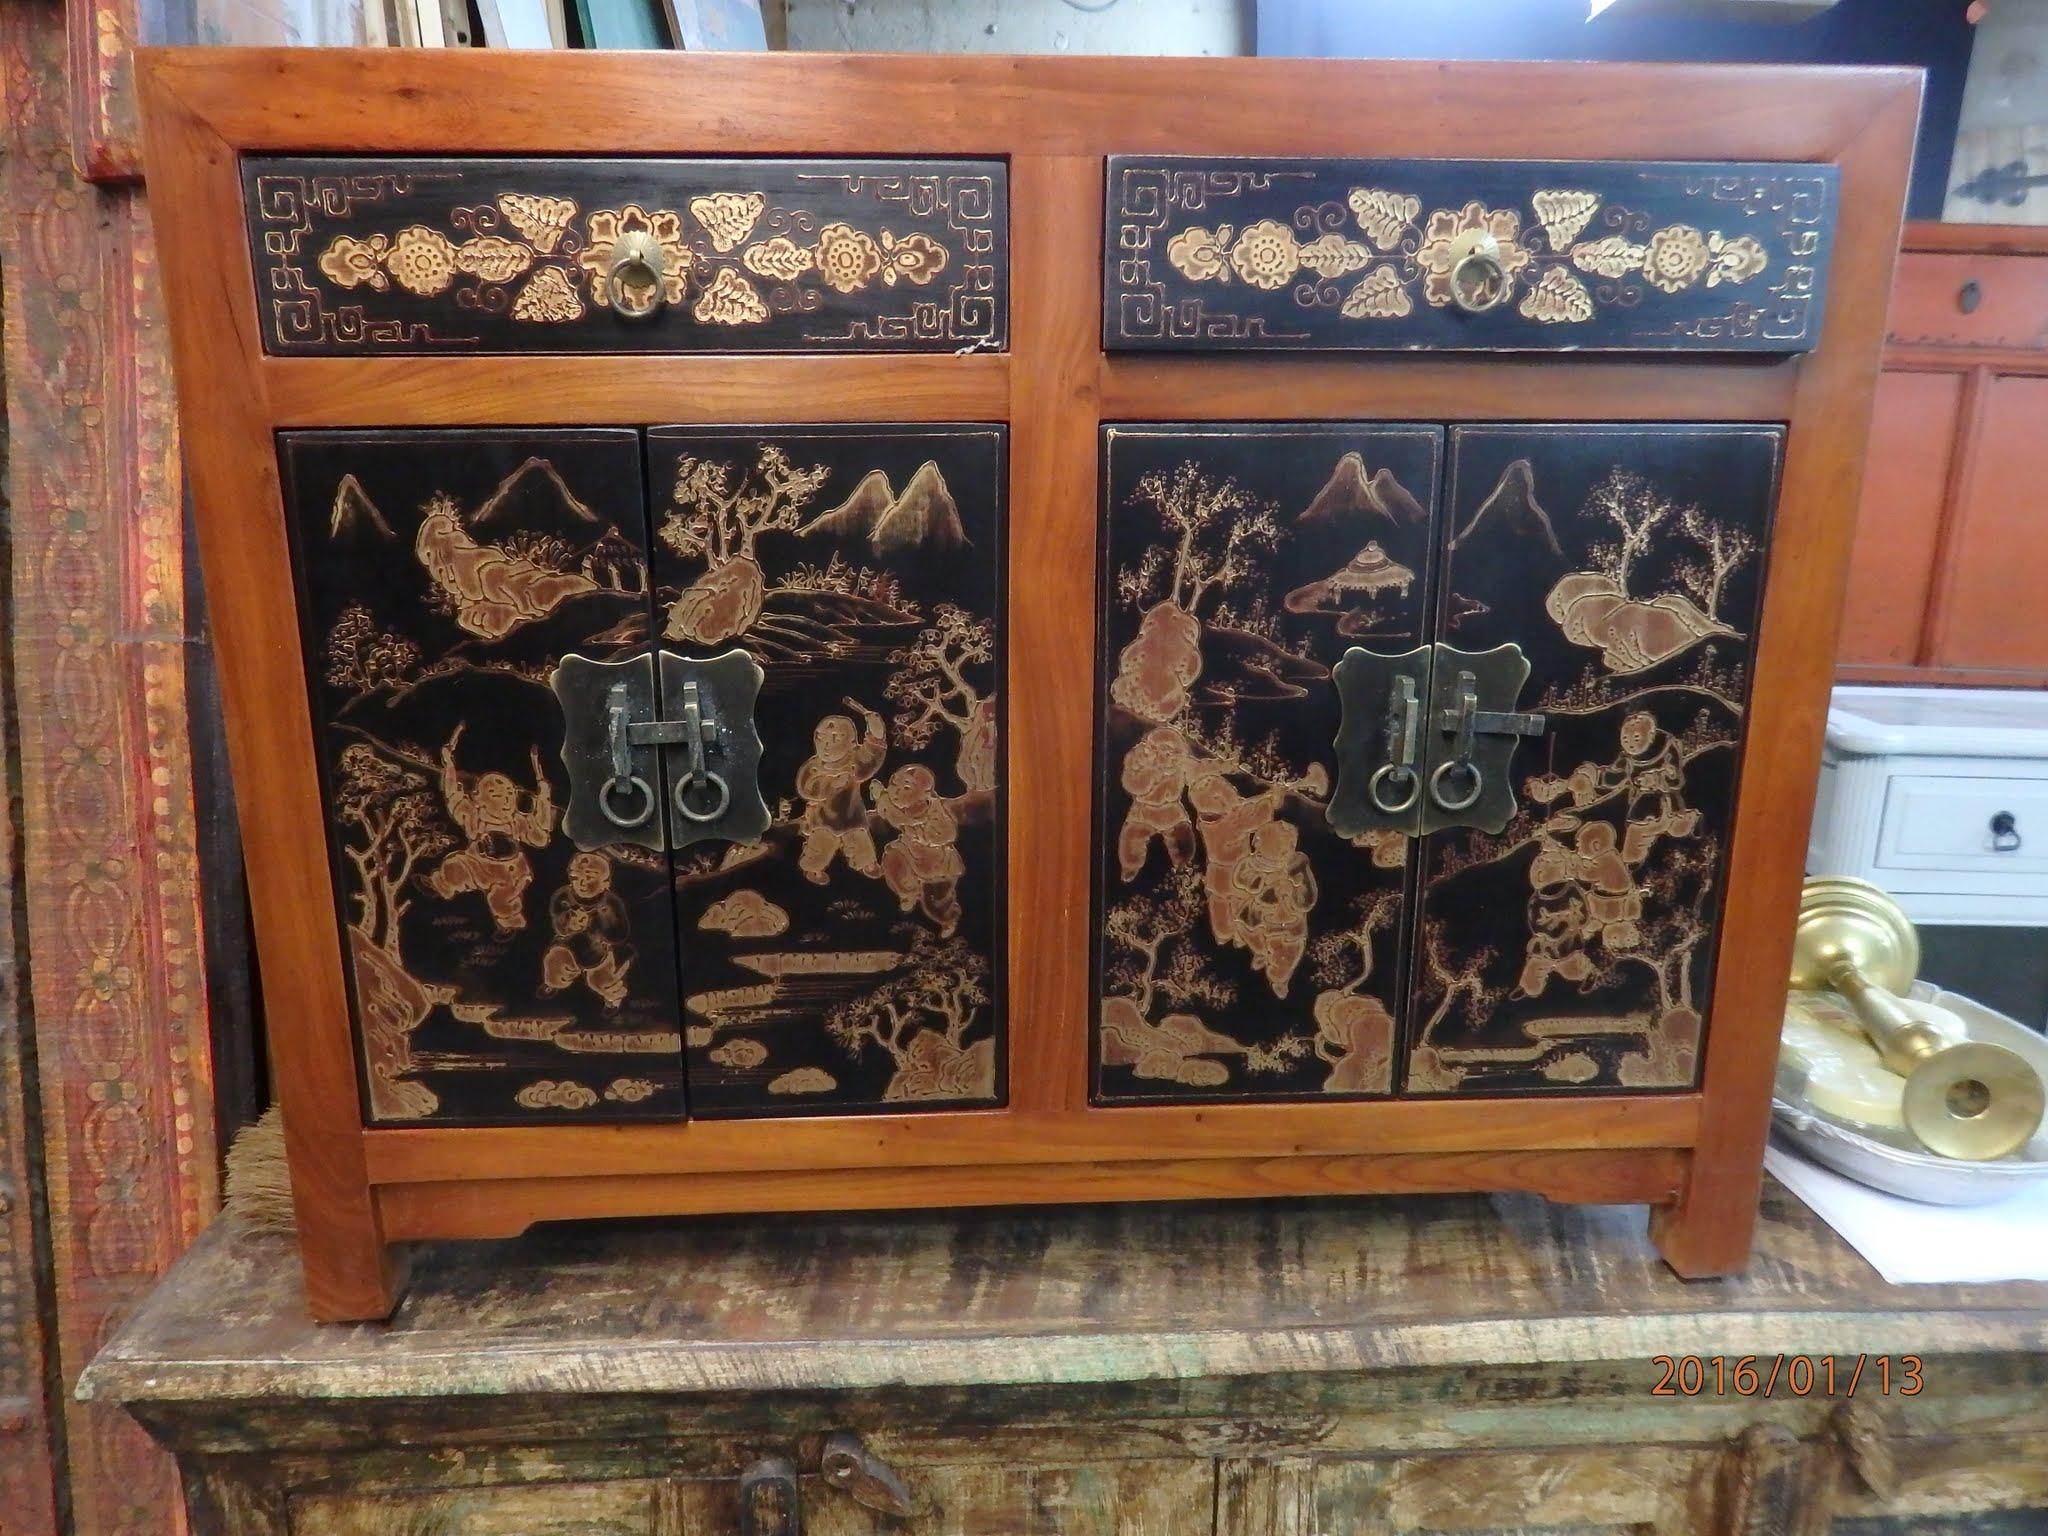 Bahut comptoir de java toulouse meubles objets asie for Comptoir du carrelage toulouse